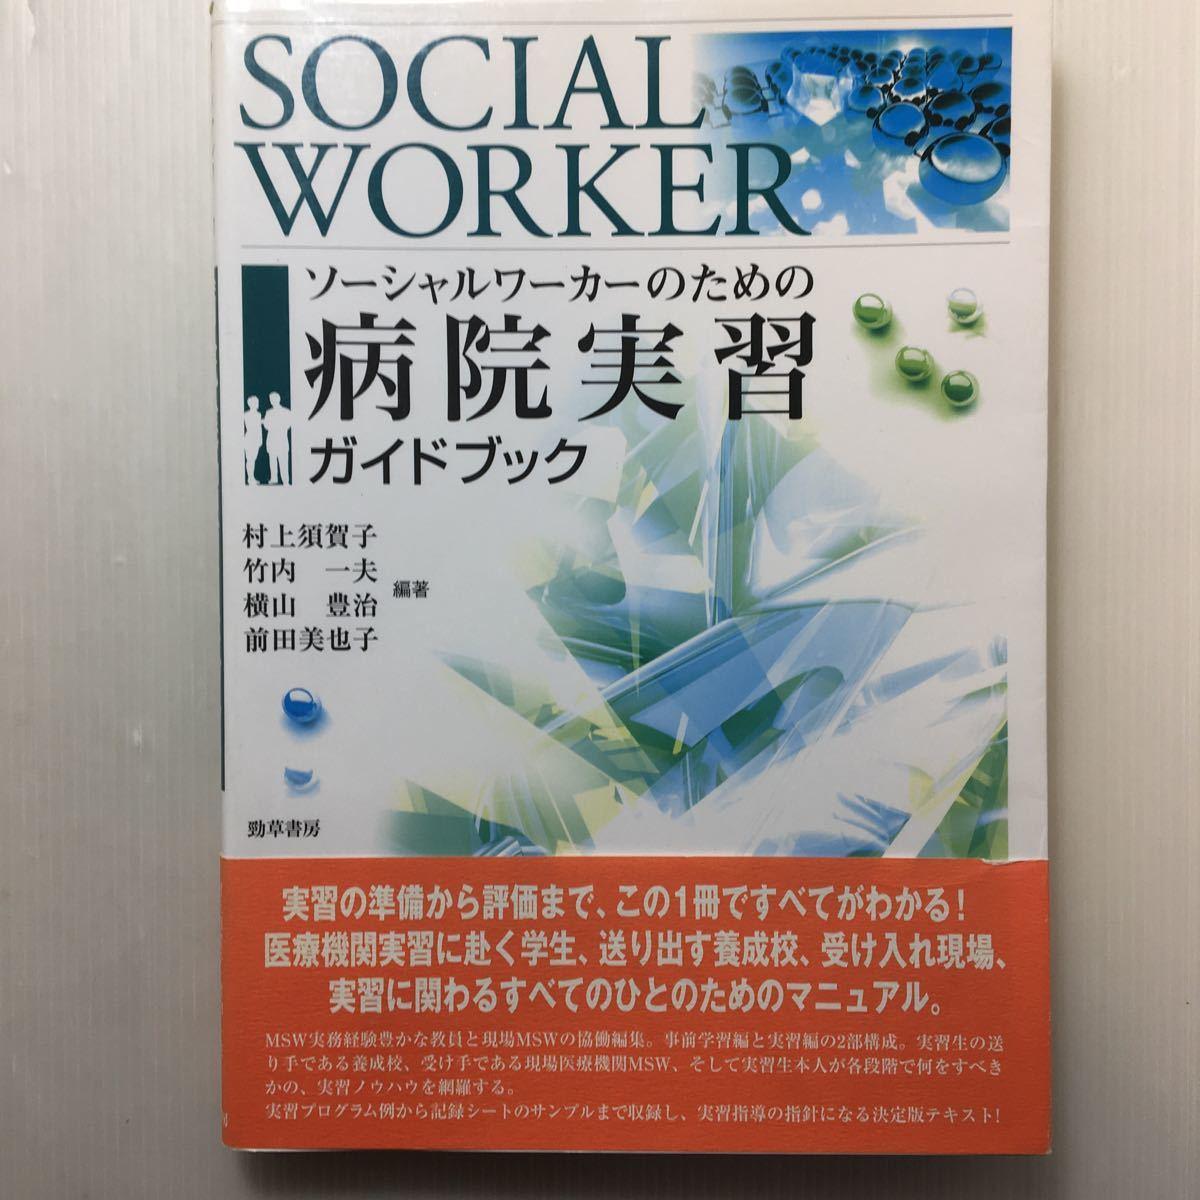 zaa-138♪ソーシャルワーカーのための病院実習ガイドブック (日本語) 単行本 2007/6/21 村上 須賀子 (著)